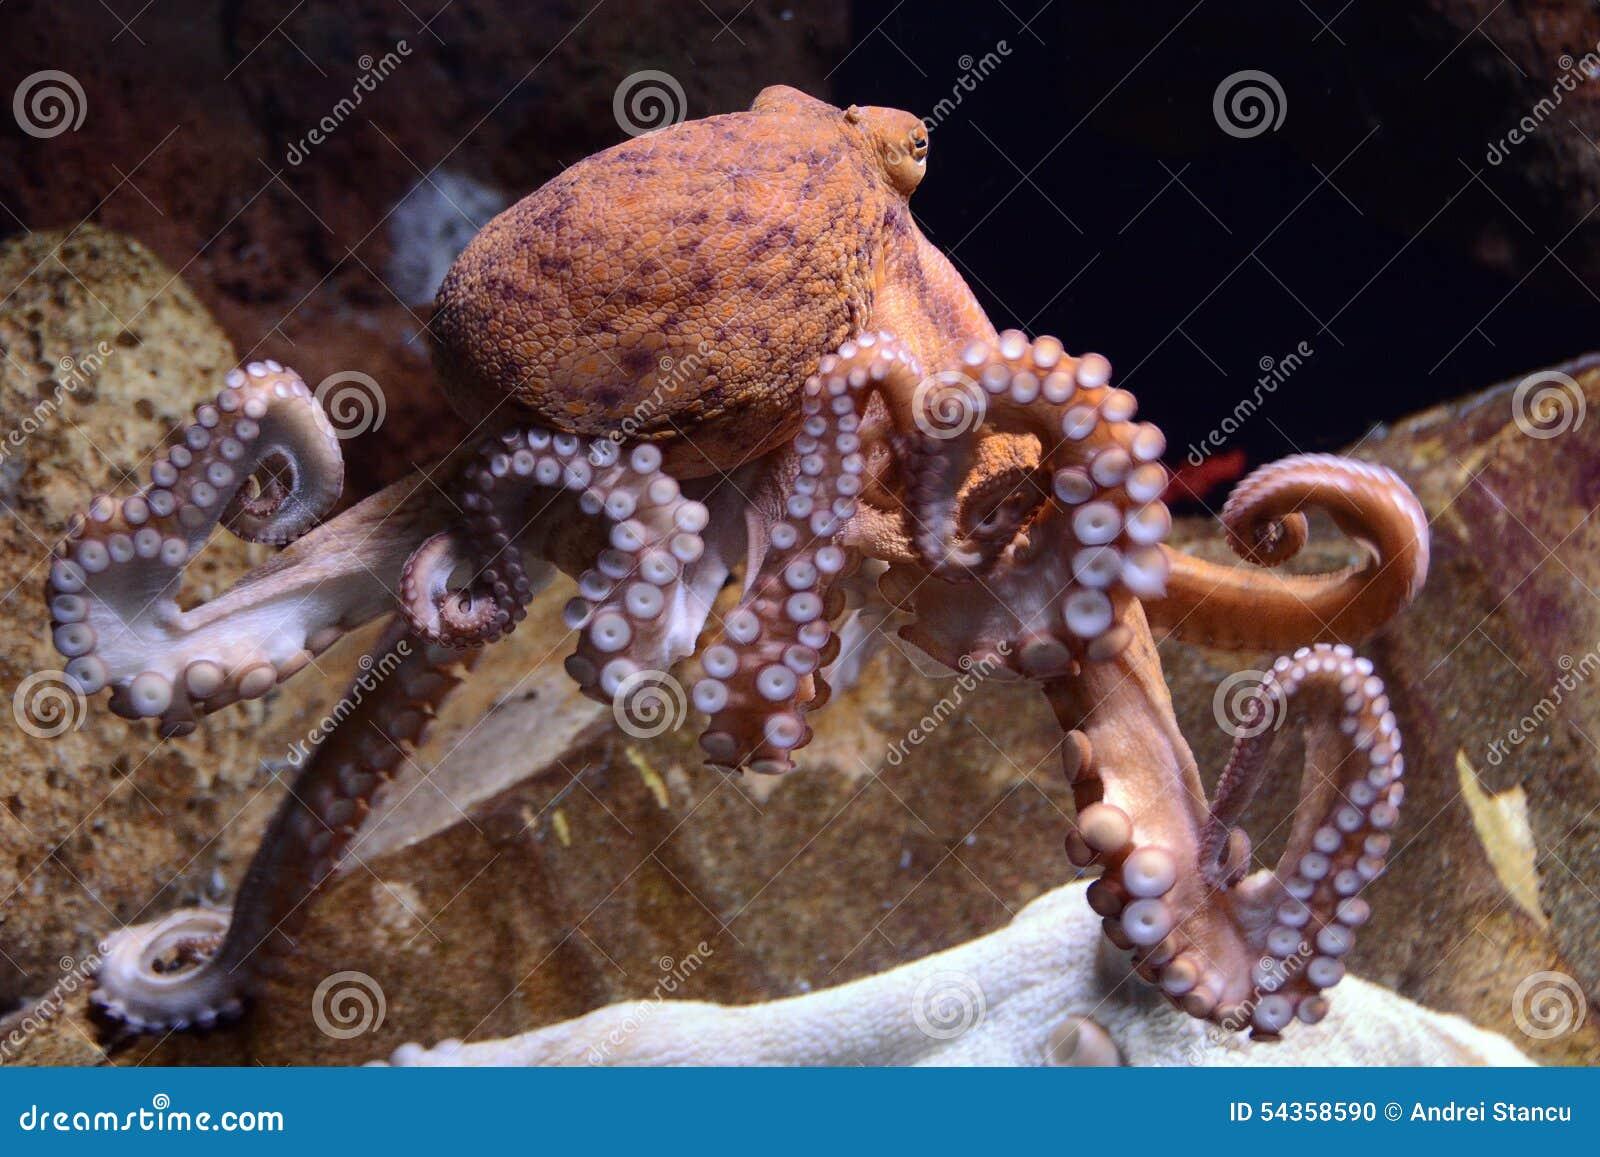 巨型苍蝇太平洋头虱子用打章鱼的药能行吗图片